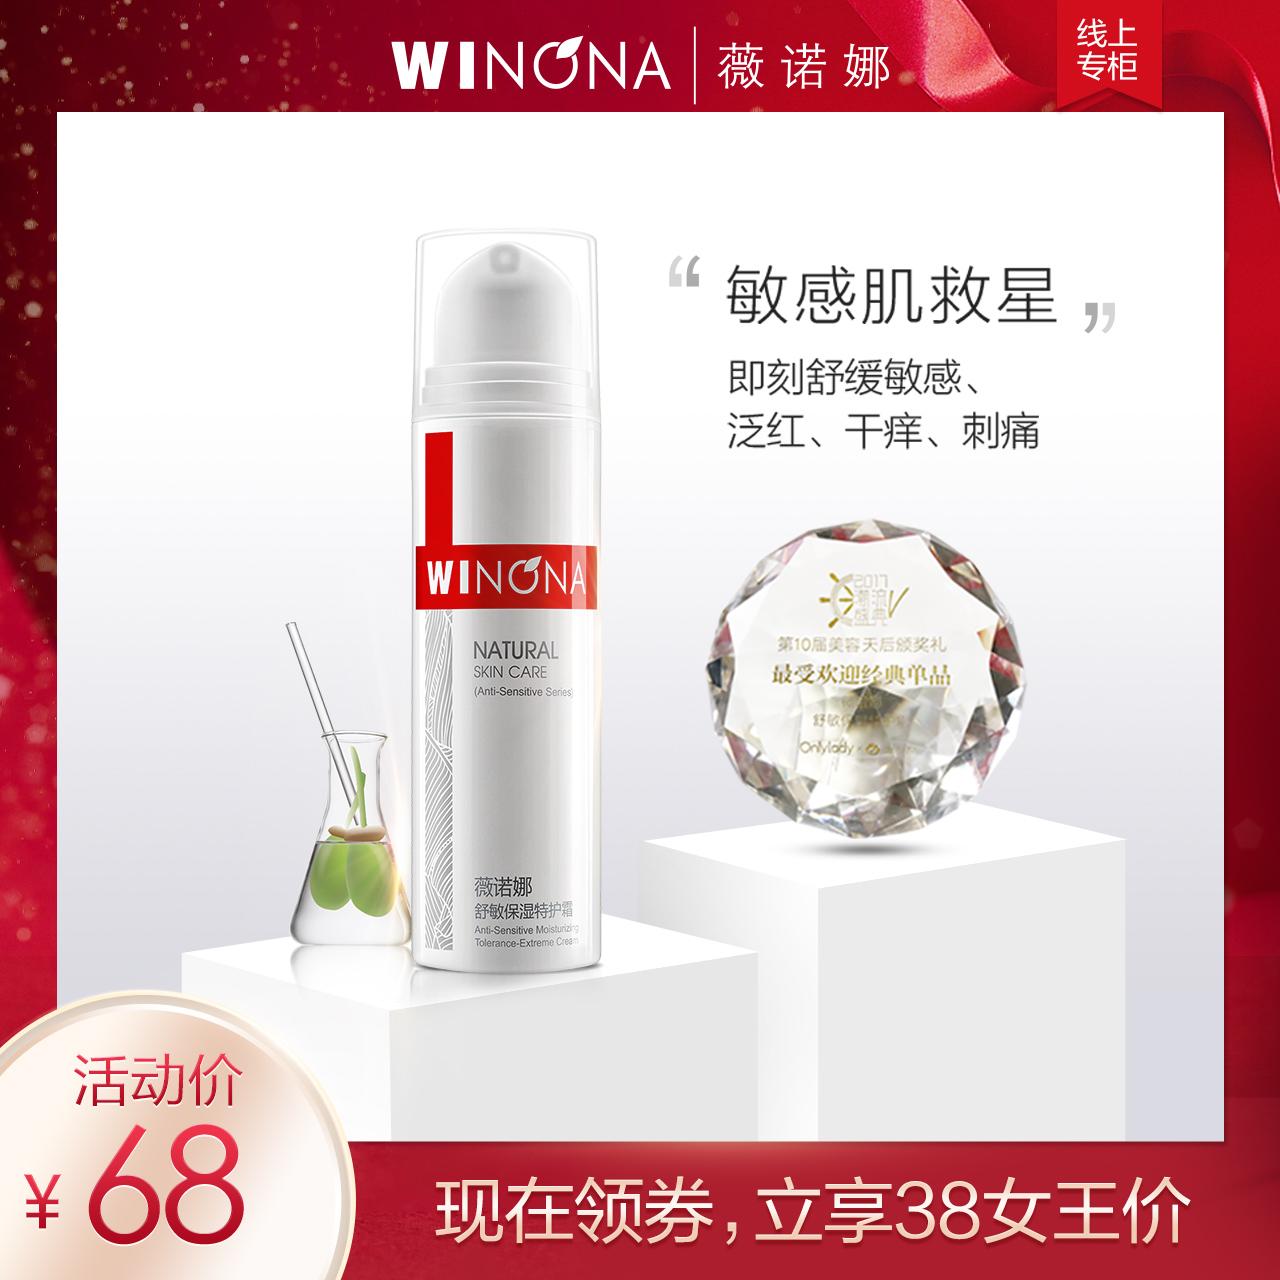 薇诺娜舒敏保湿特护霜15g 敏感肌专用护肤品面霜保湿修护皮肤屏障